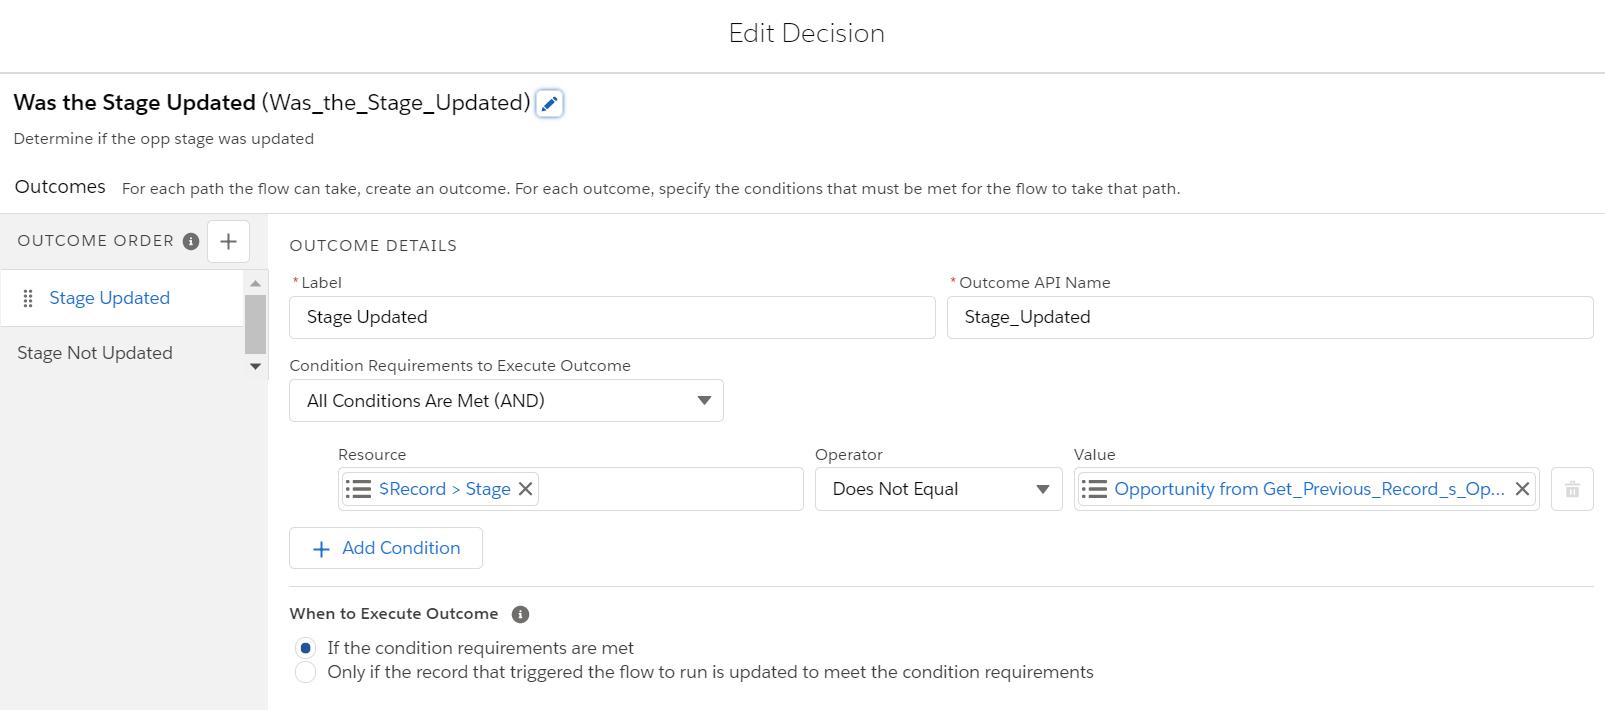 UpdatetheStageLastUpdatedDate-Decision2